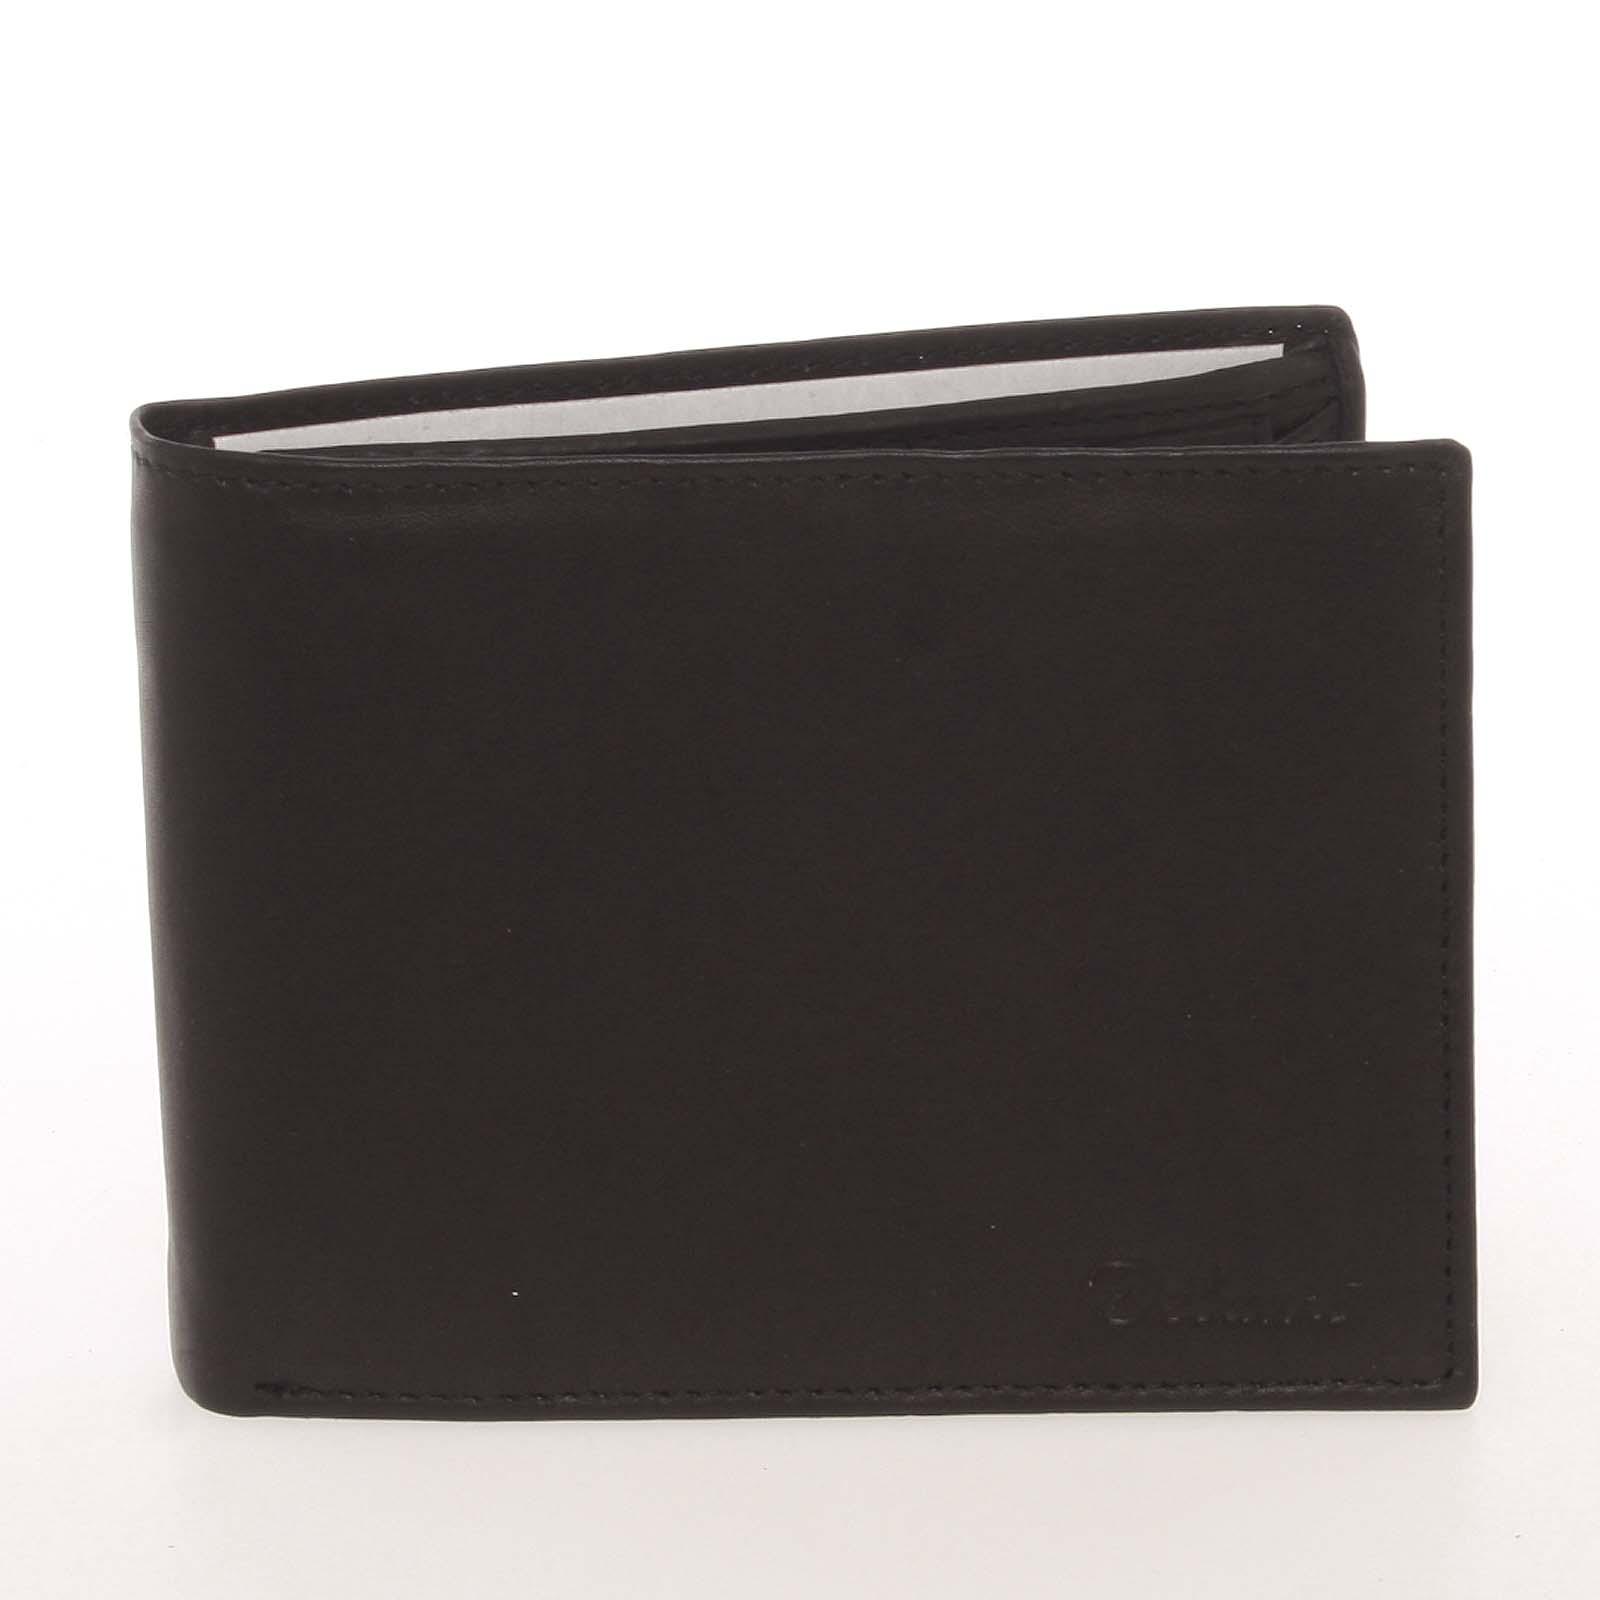 Kvalitná pánska kožená čierna peňaženka - Delami Archard čierna